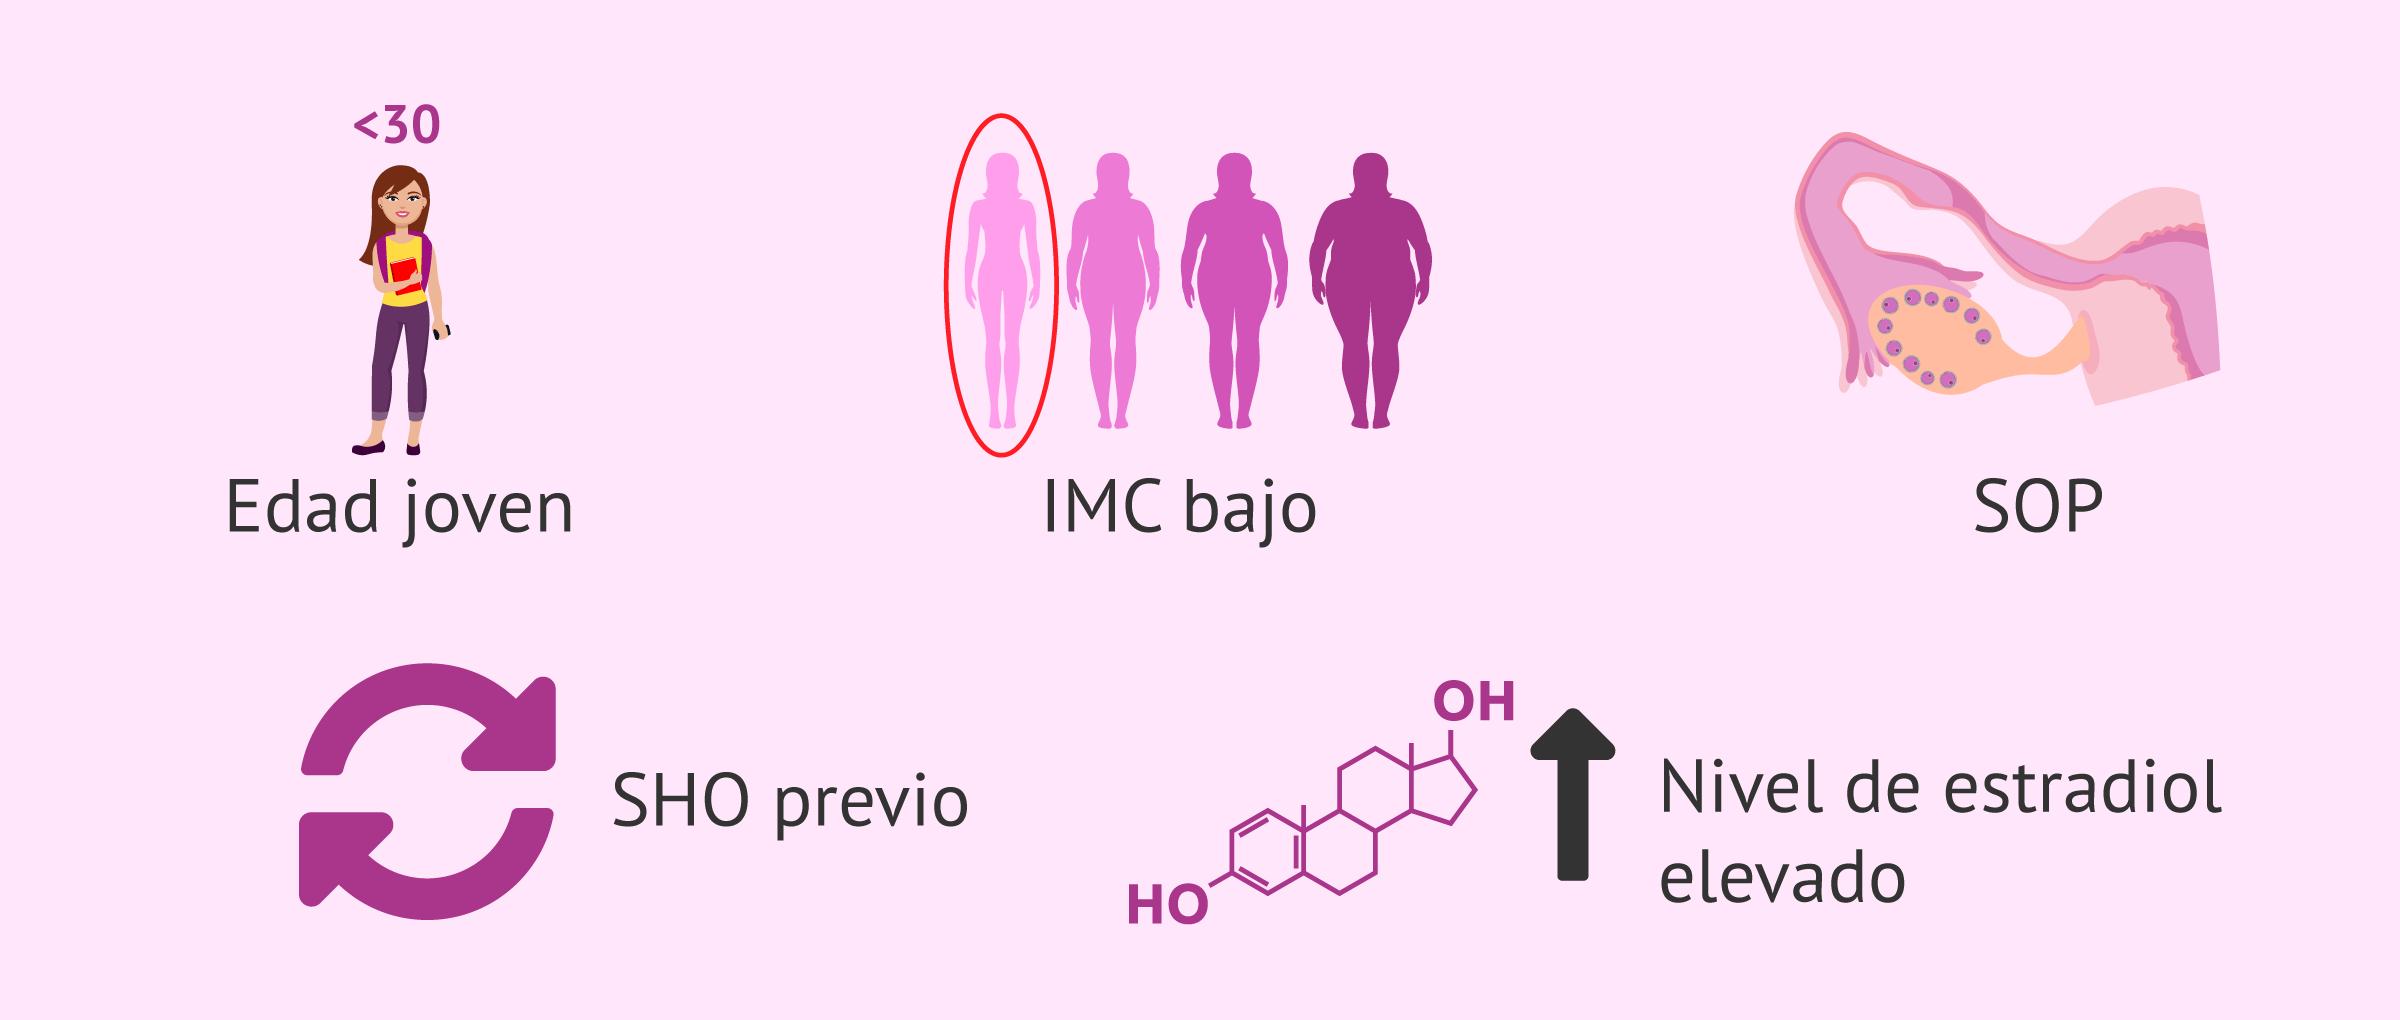 Evolución del síndrome de hiperestimulación ovárica (SHO)